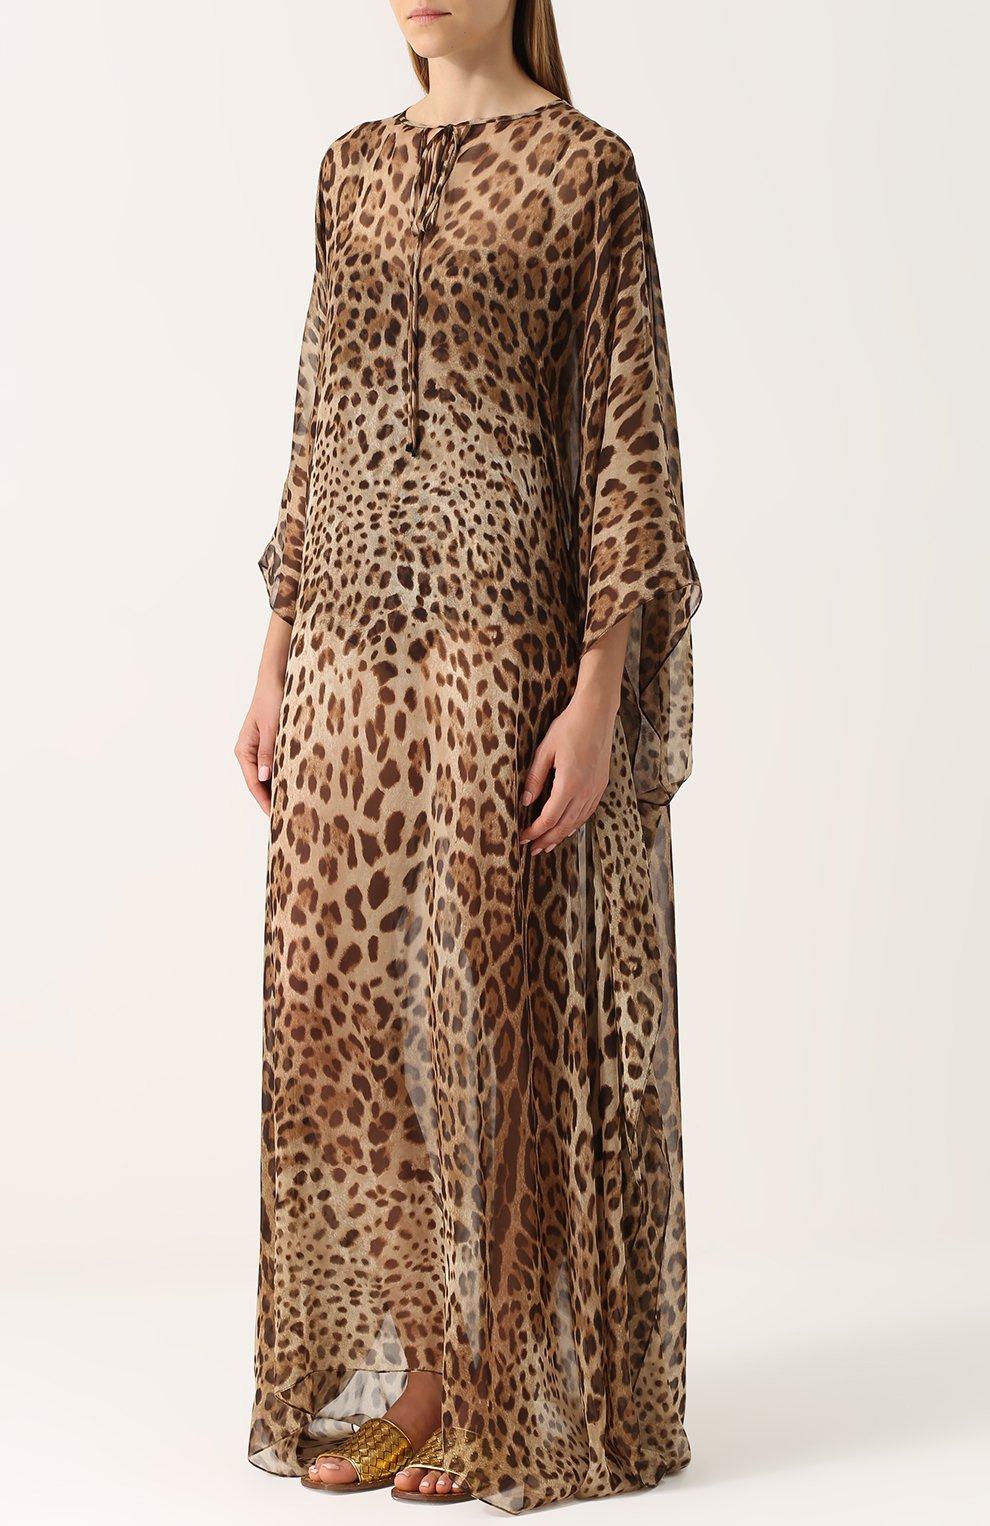 Шелковое платье-макси с леопардовым принтом Dolce & Gabbana леопардовое | Фото №3